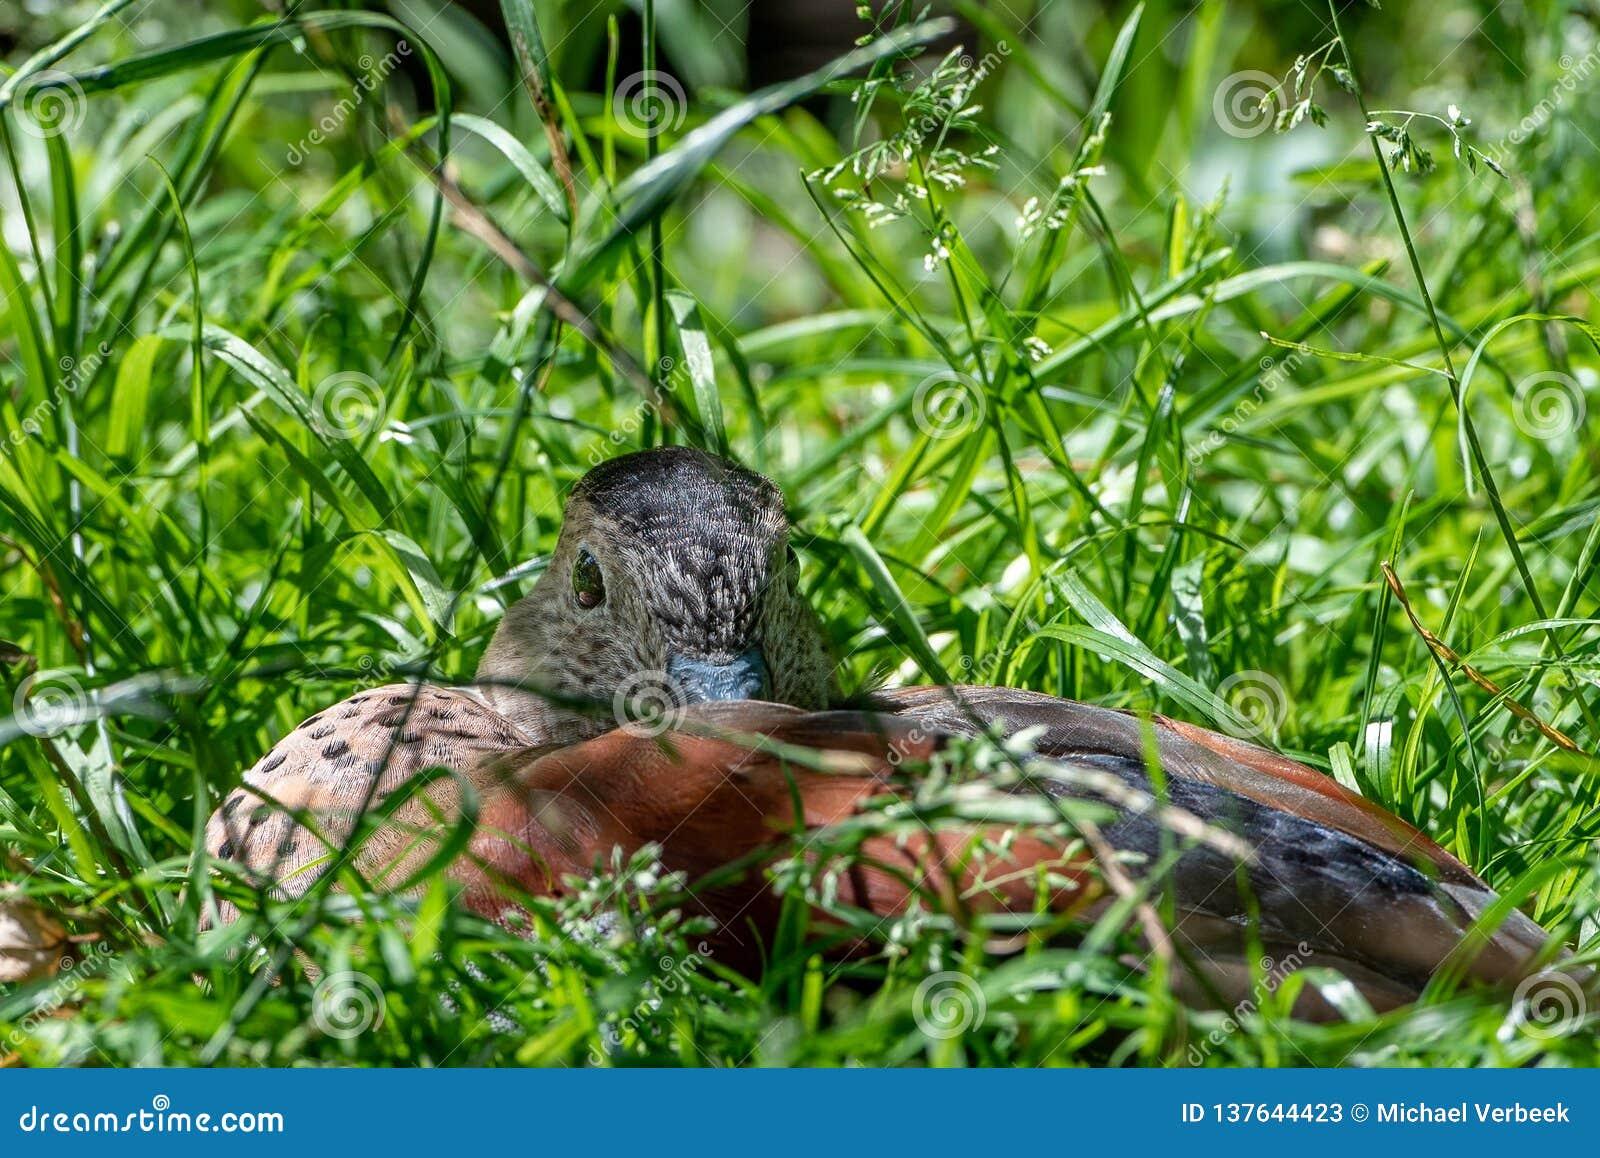 Un canard caché dans l herbe